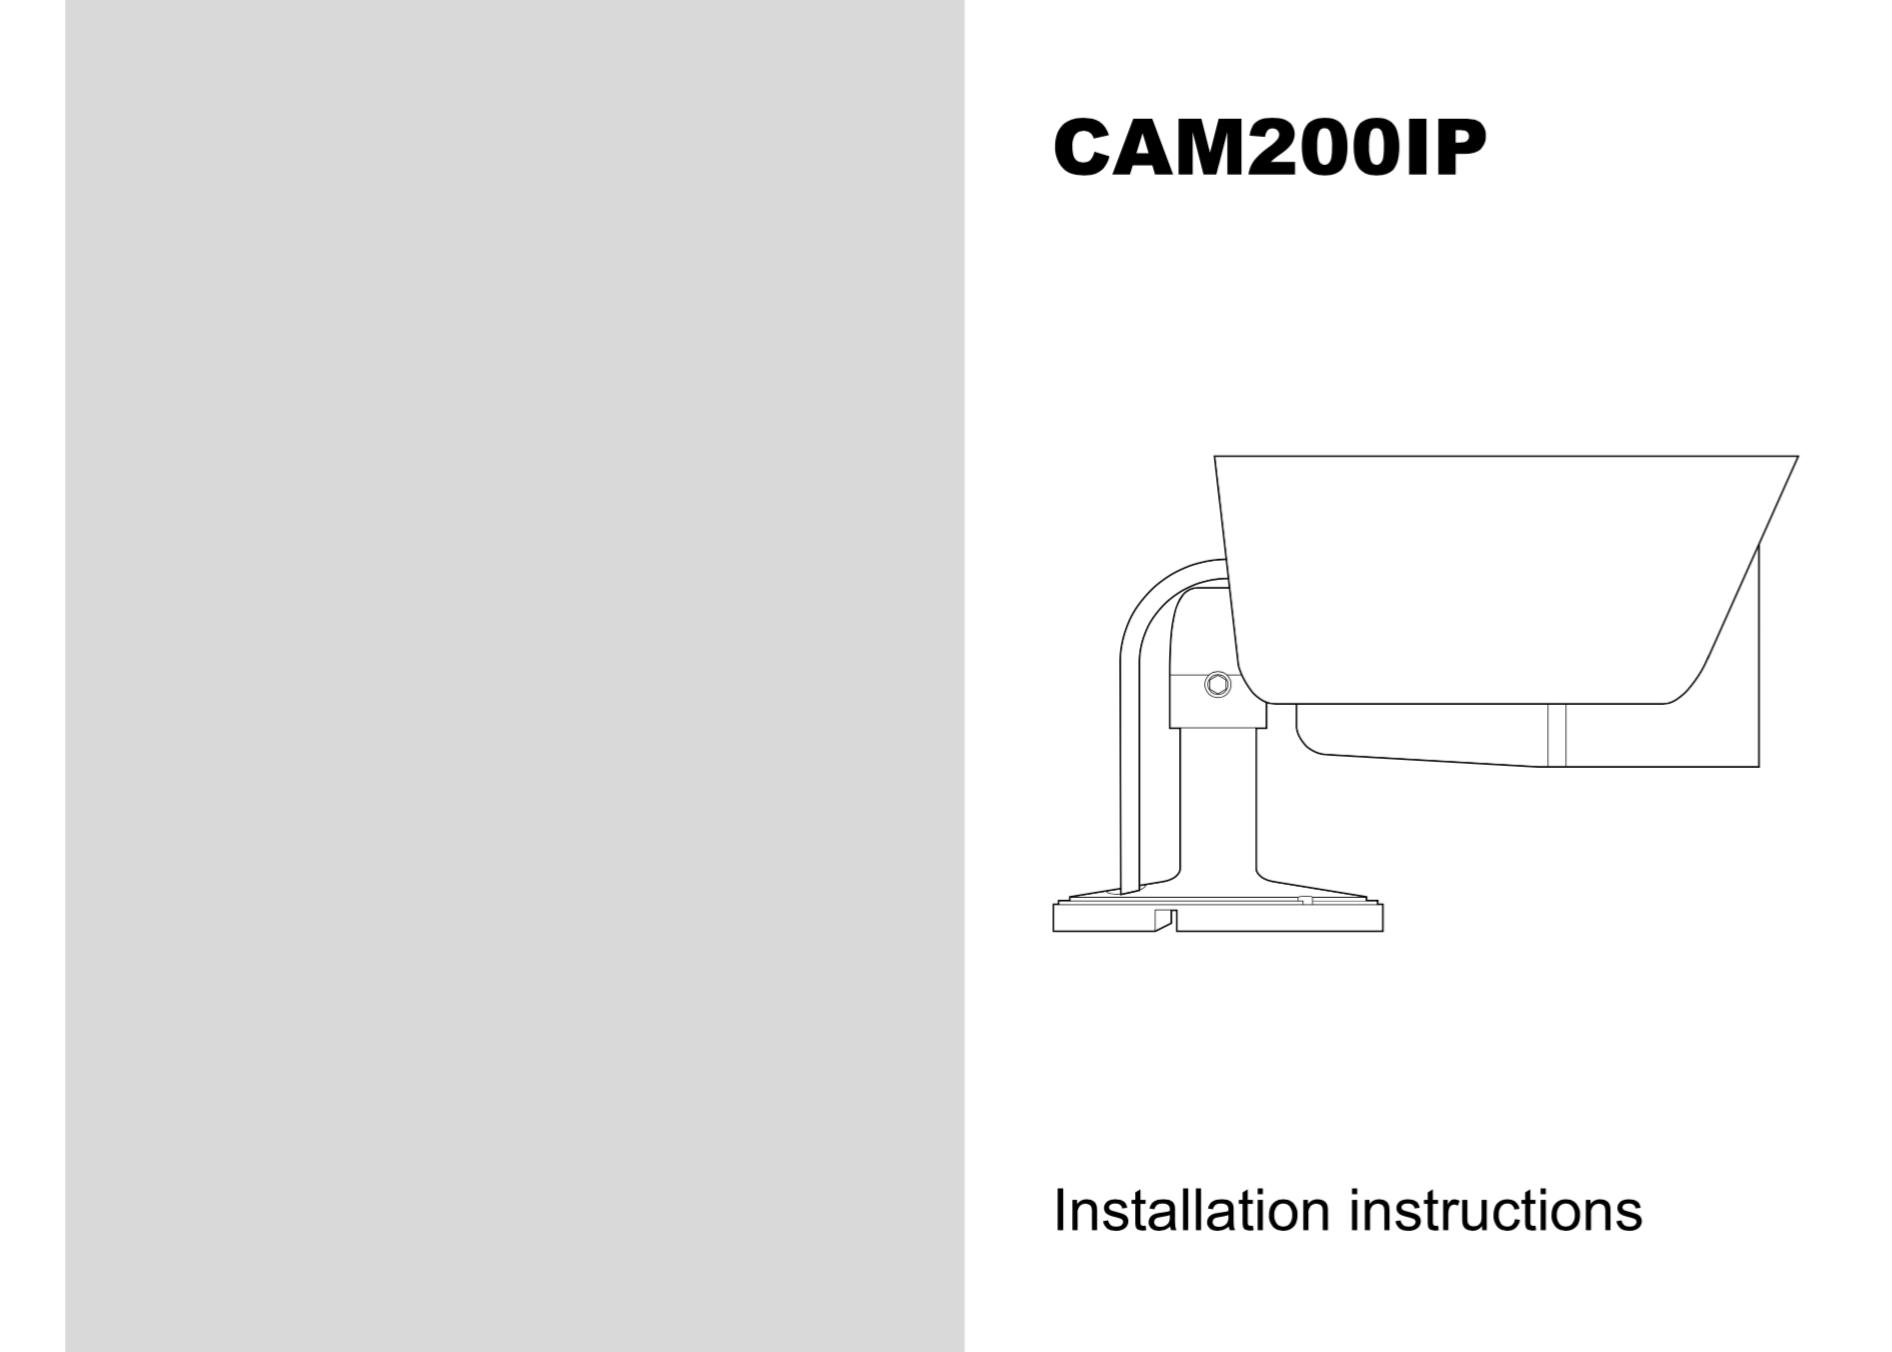 cam200ip camera installation instructions